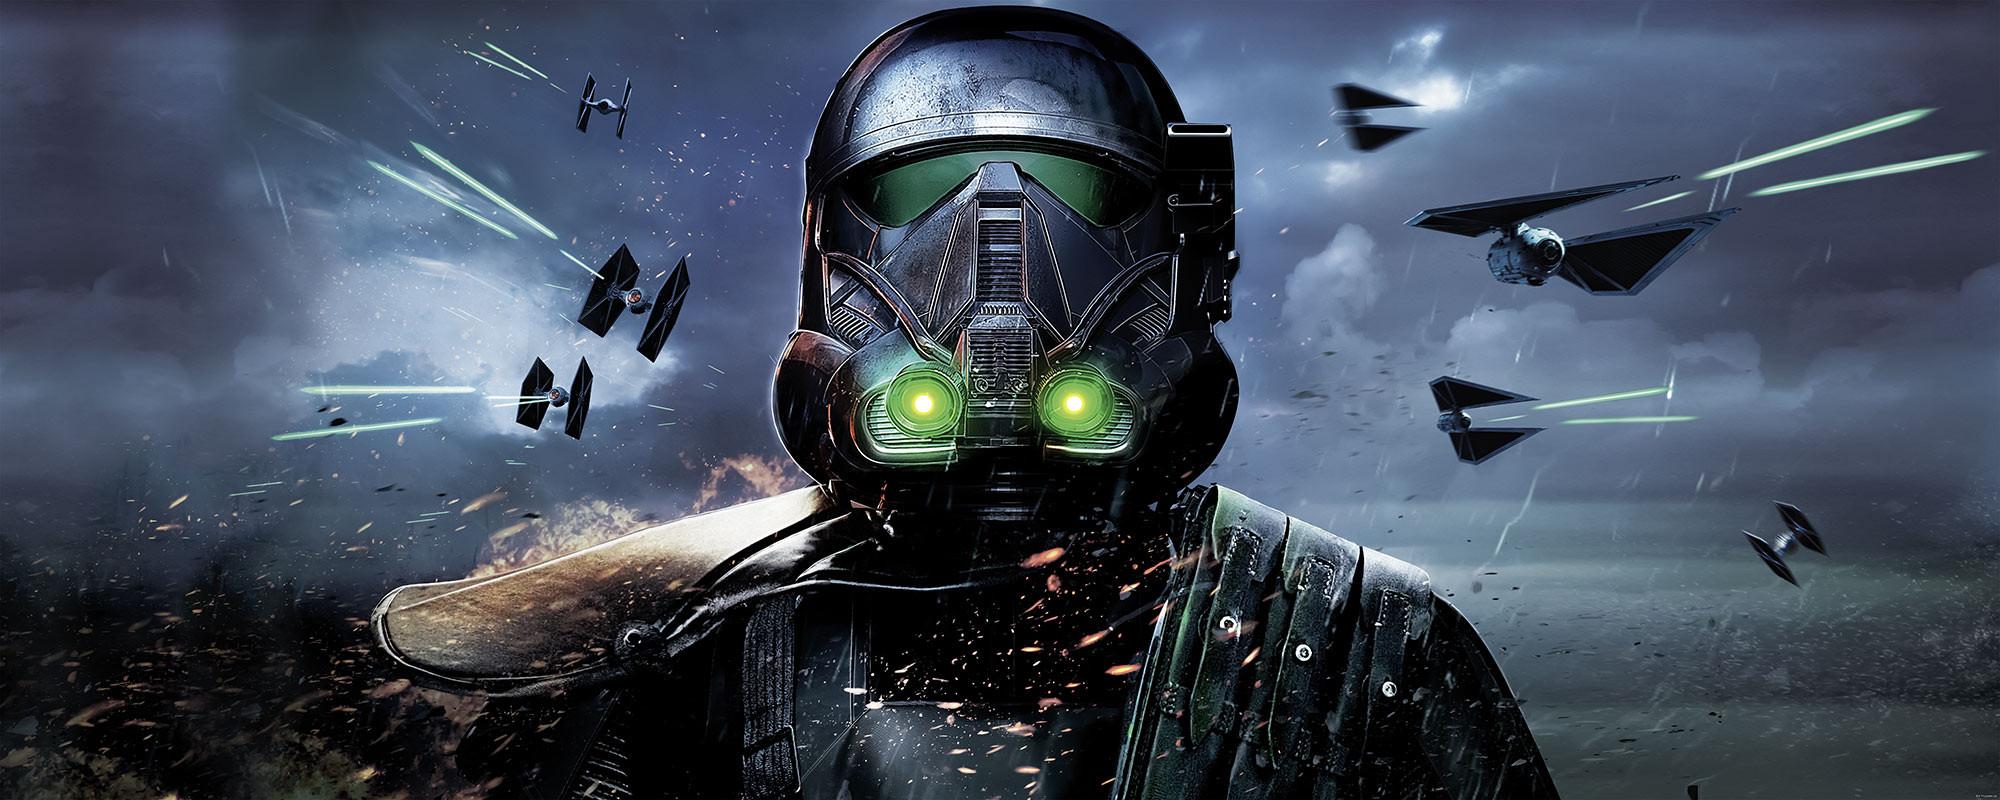 Star Wars Deathtrooper